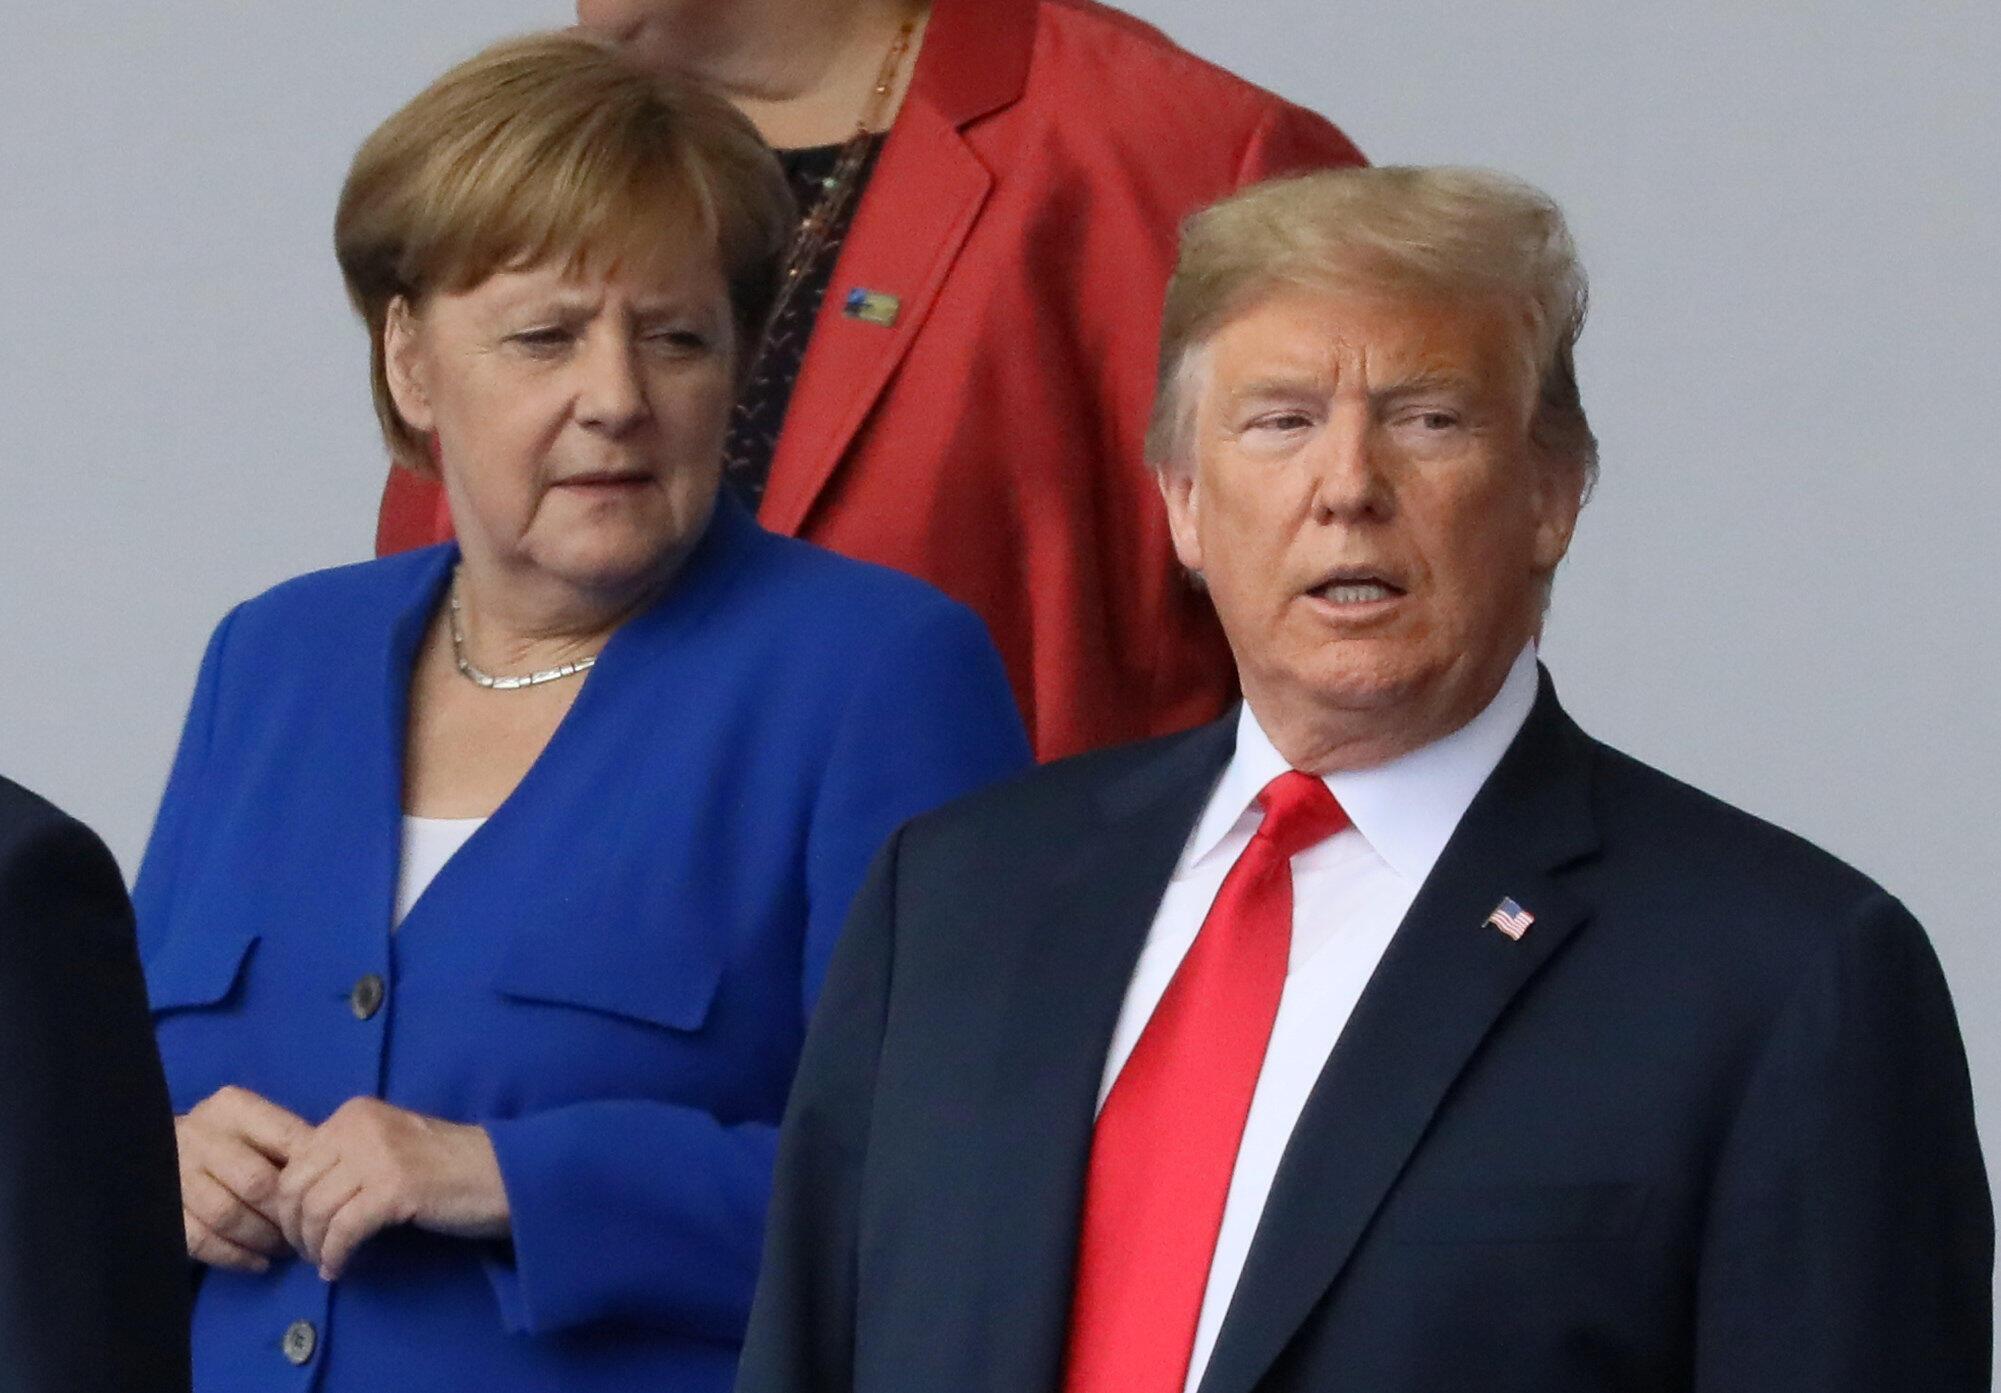 """Trump garantiu hoje ter """"boas relações"""" com Merkel, poucas horas depois de ter lançado violentas críticas contra a Alemanha, na cimeira da NATO, neste 11 de Julho, em Bruxelas."""